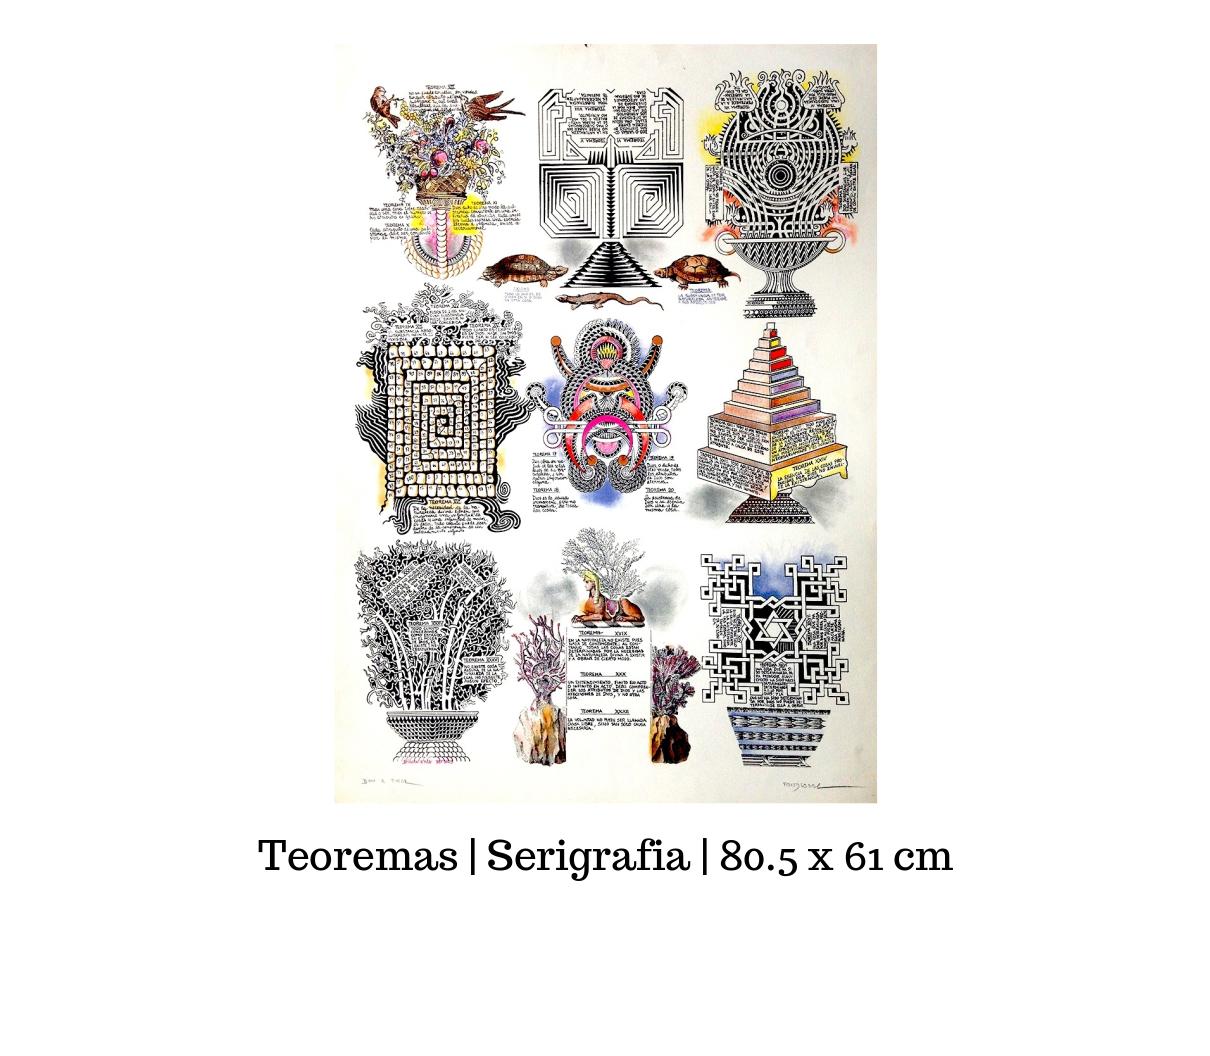 teoremas fondo.jpg